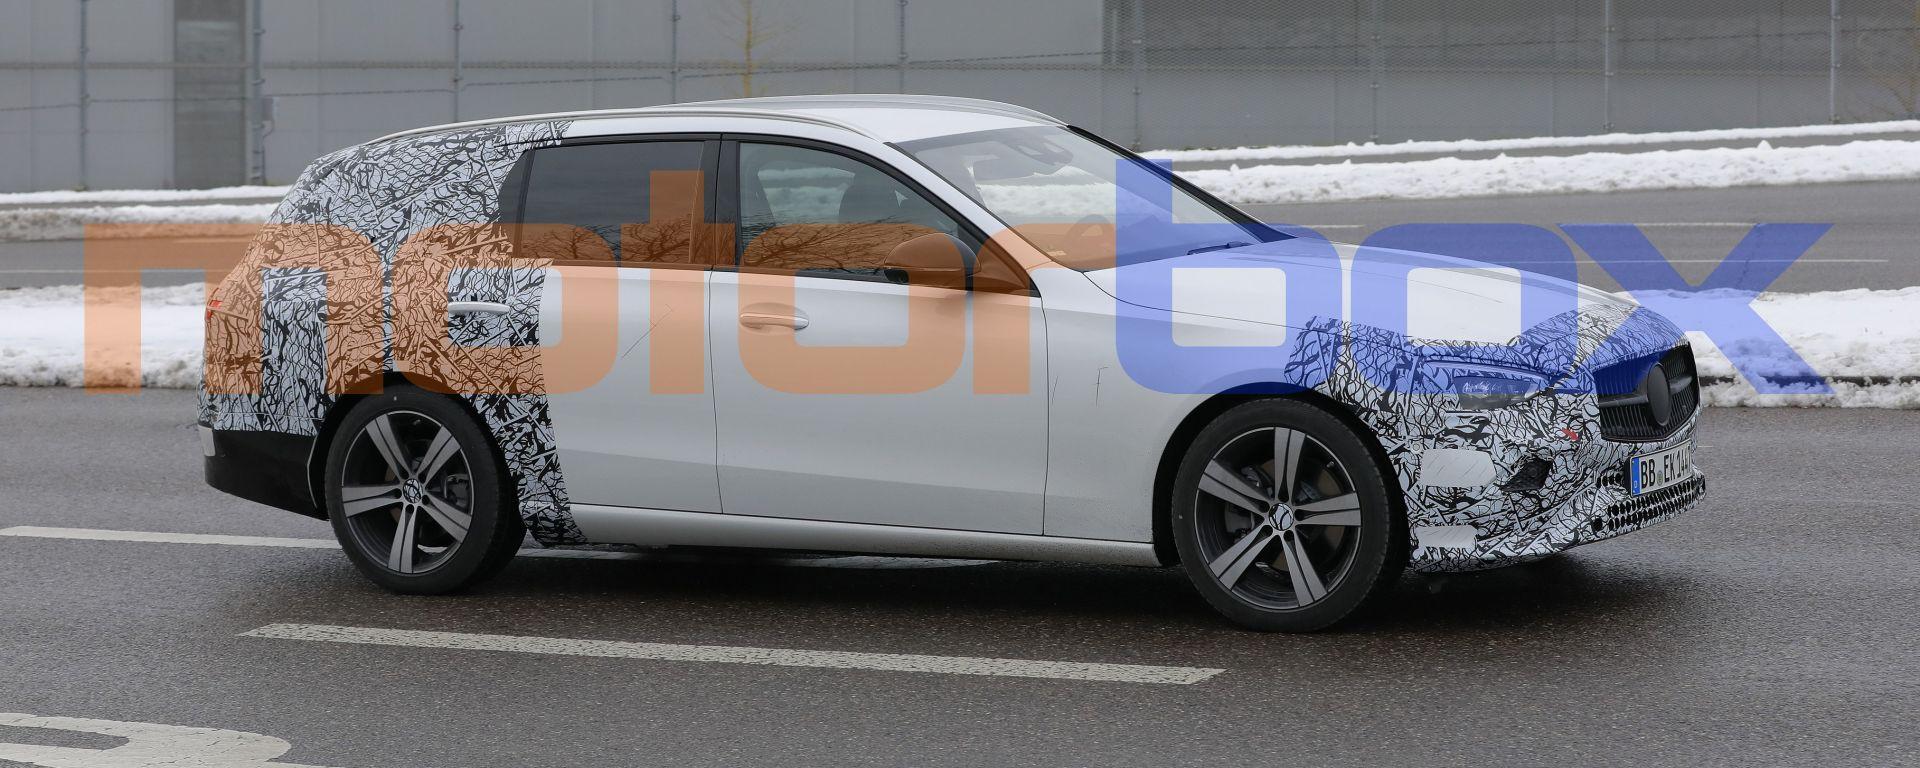 Nuova Mercedes Classe C SW: quasi pronta al debutto la wagon tedesca